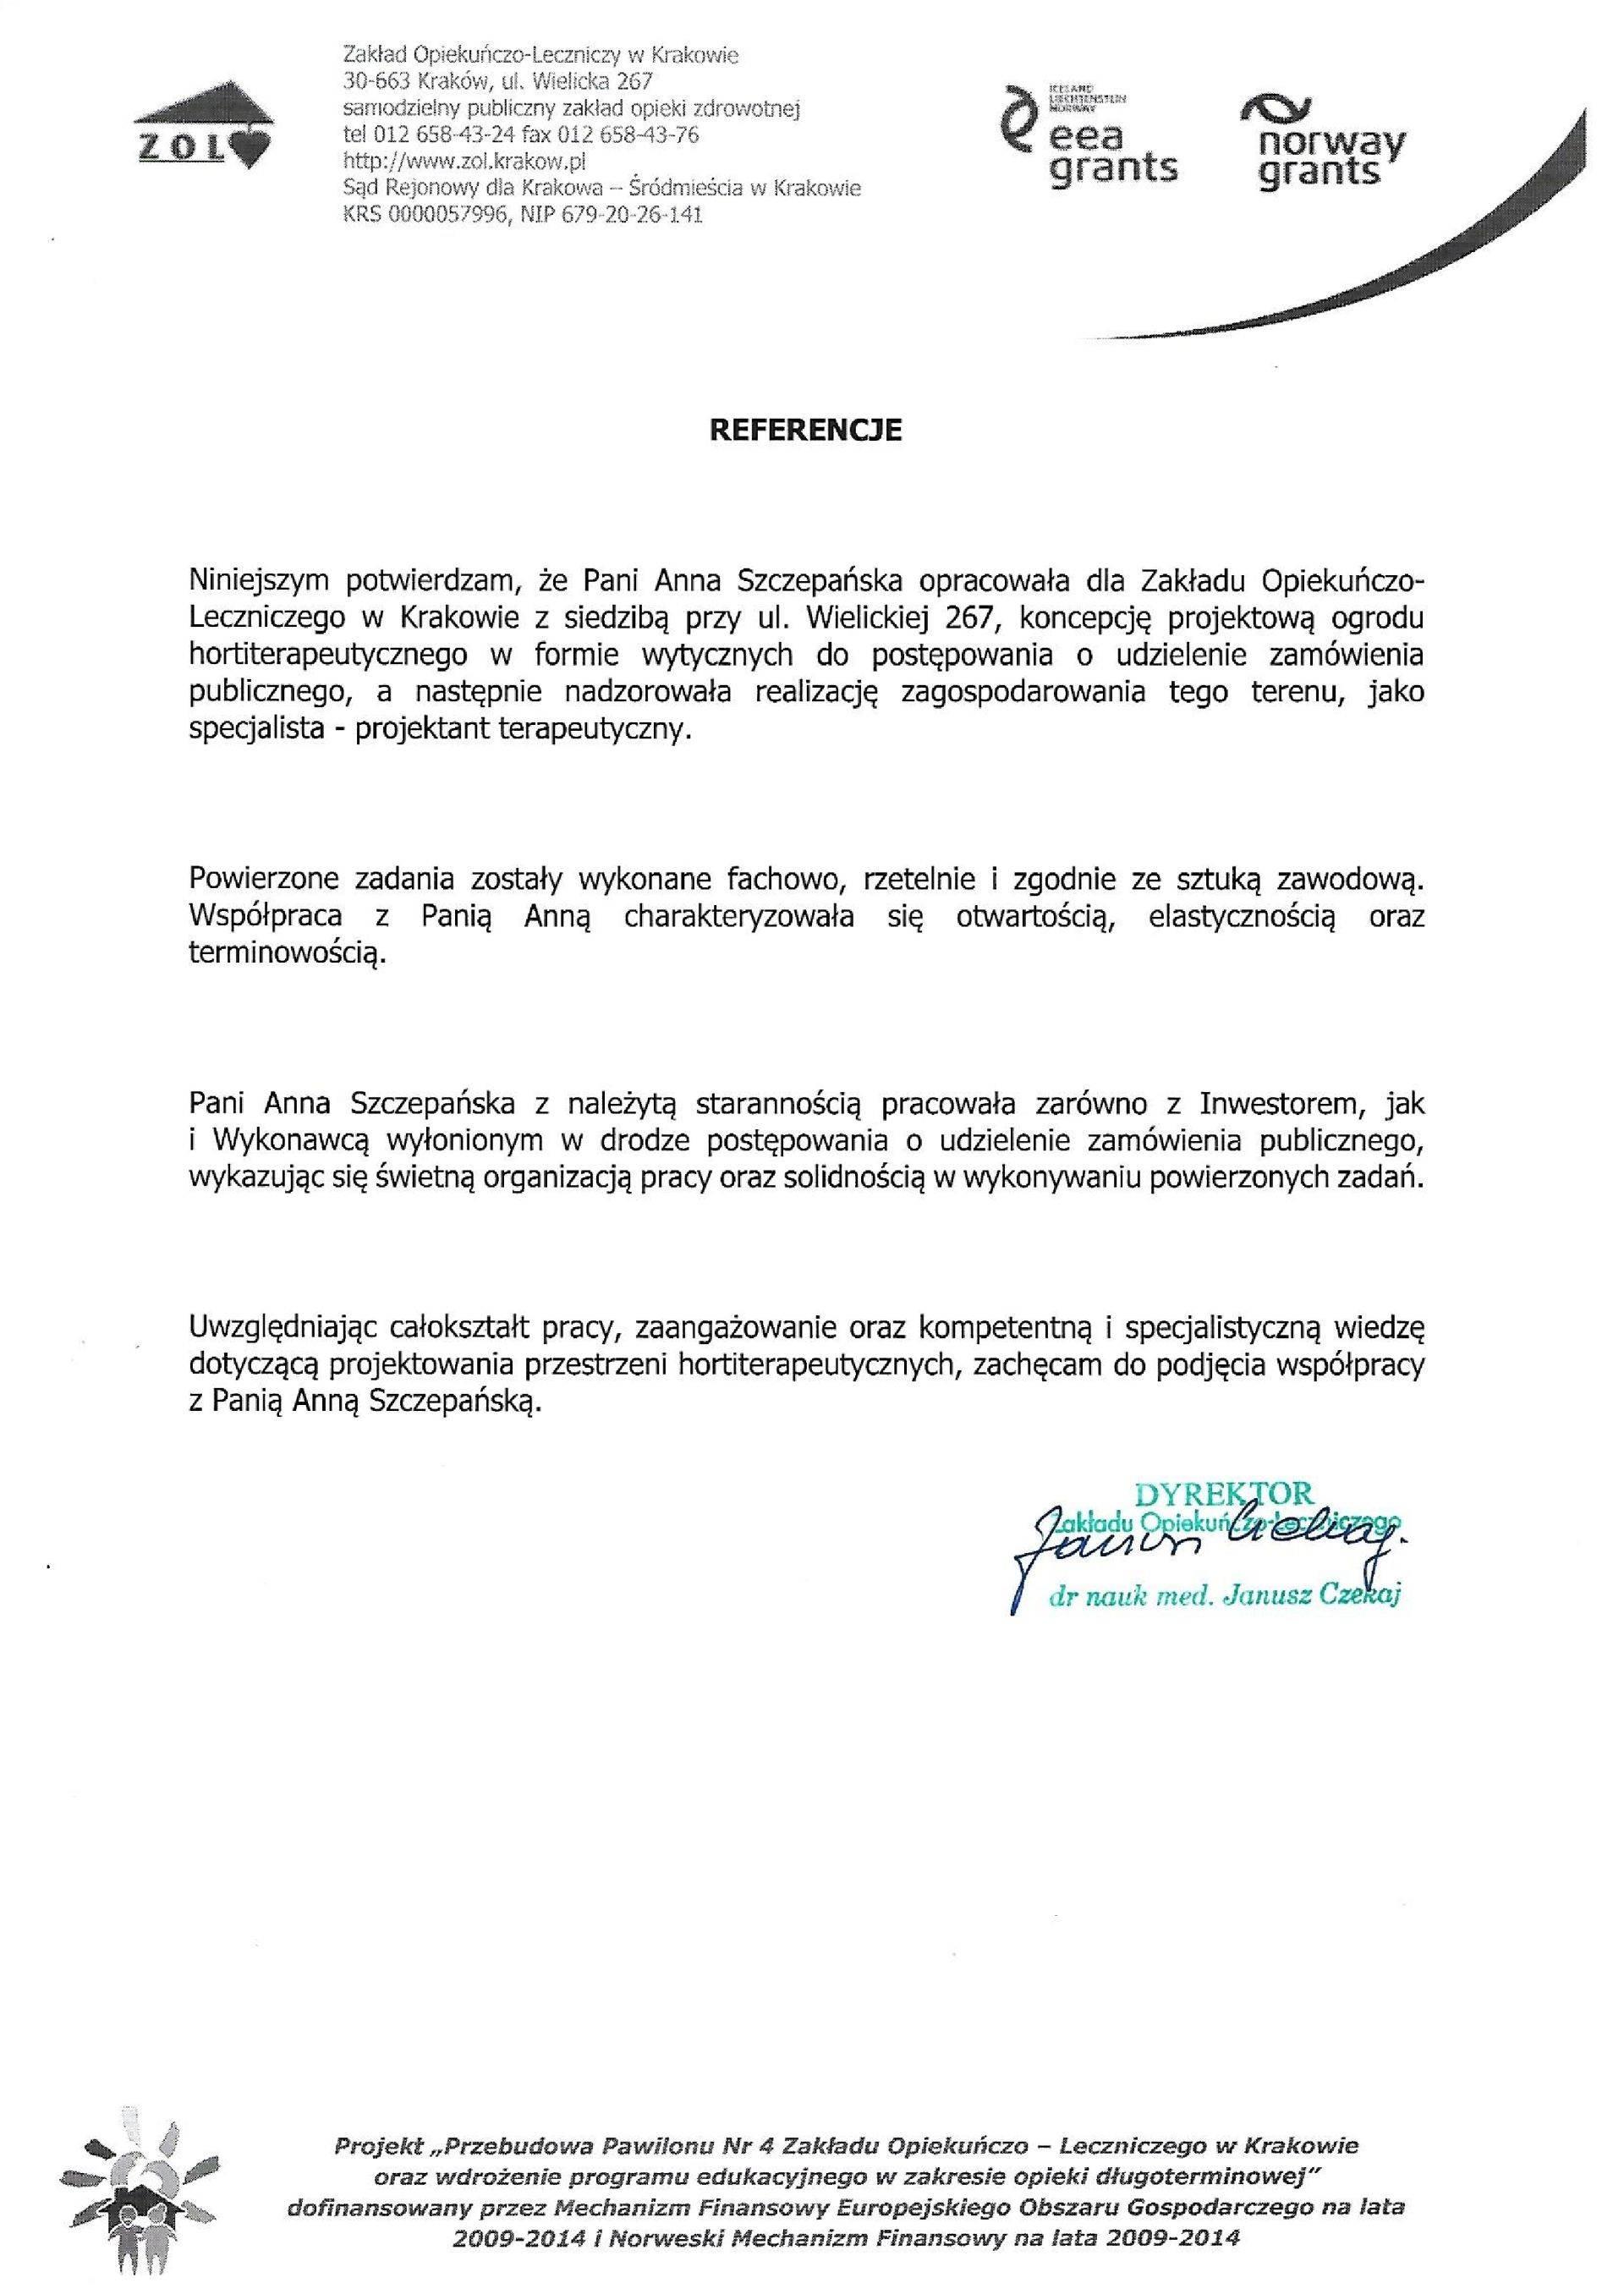 ZT referencje16 ZOL KR1 - Referencje ZOL Kraków